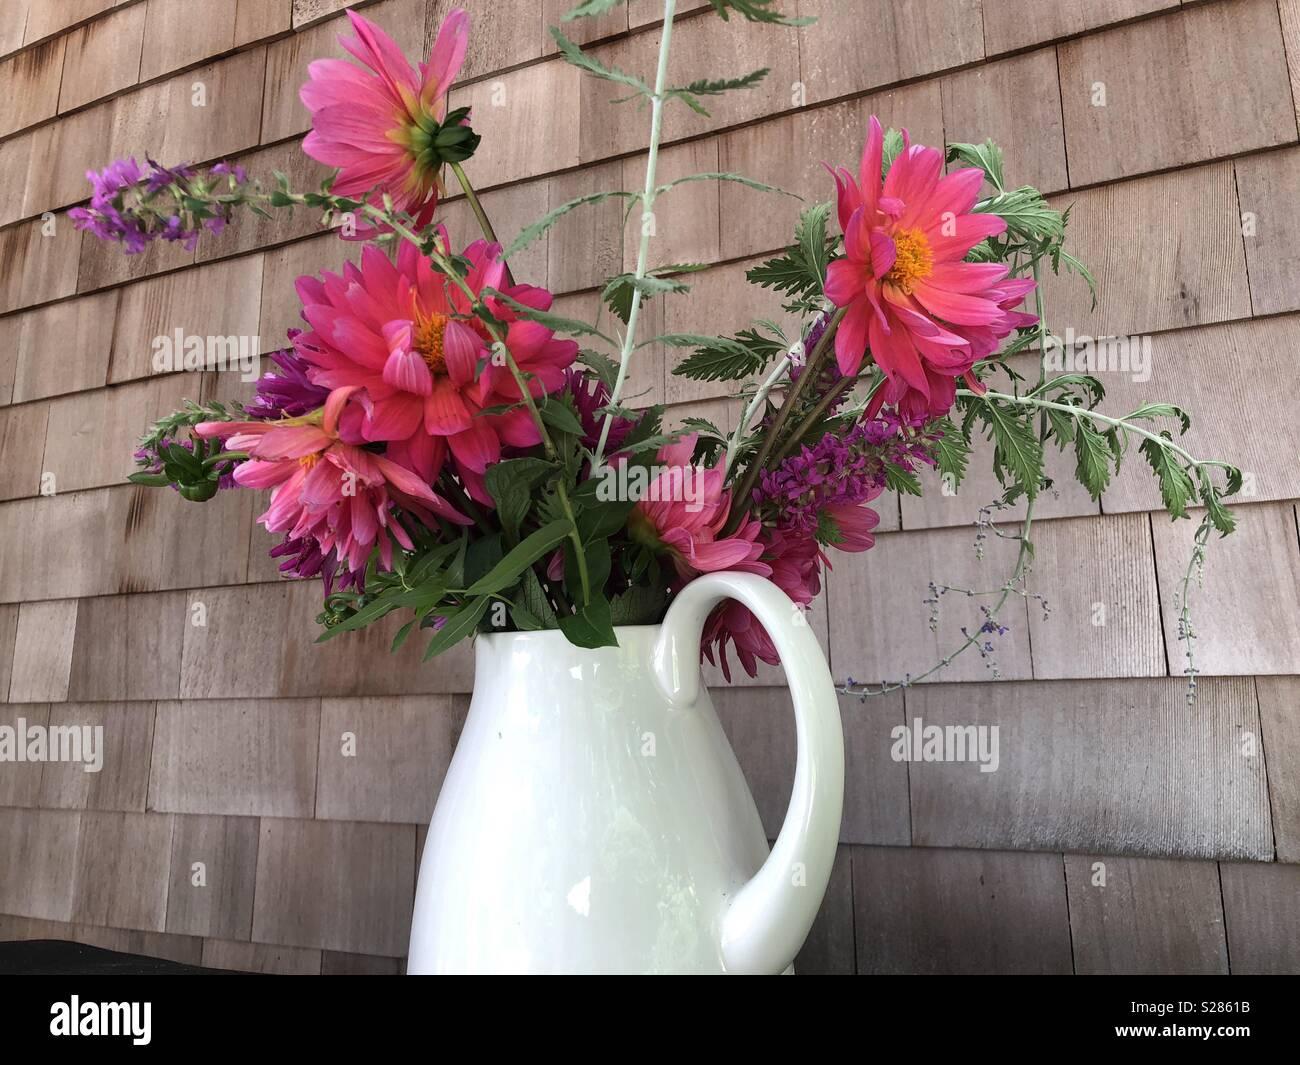 Un vaso e alcuni fiori può cambiare l'ambiente per il meglio. Immagini Stock